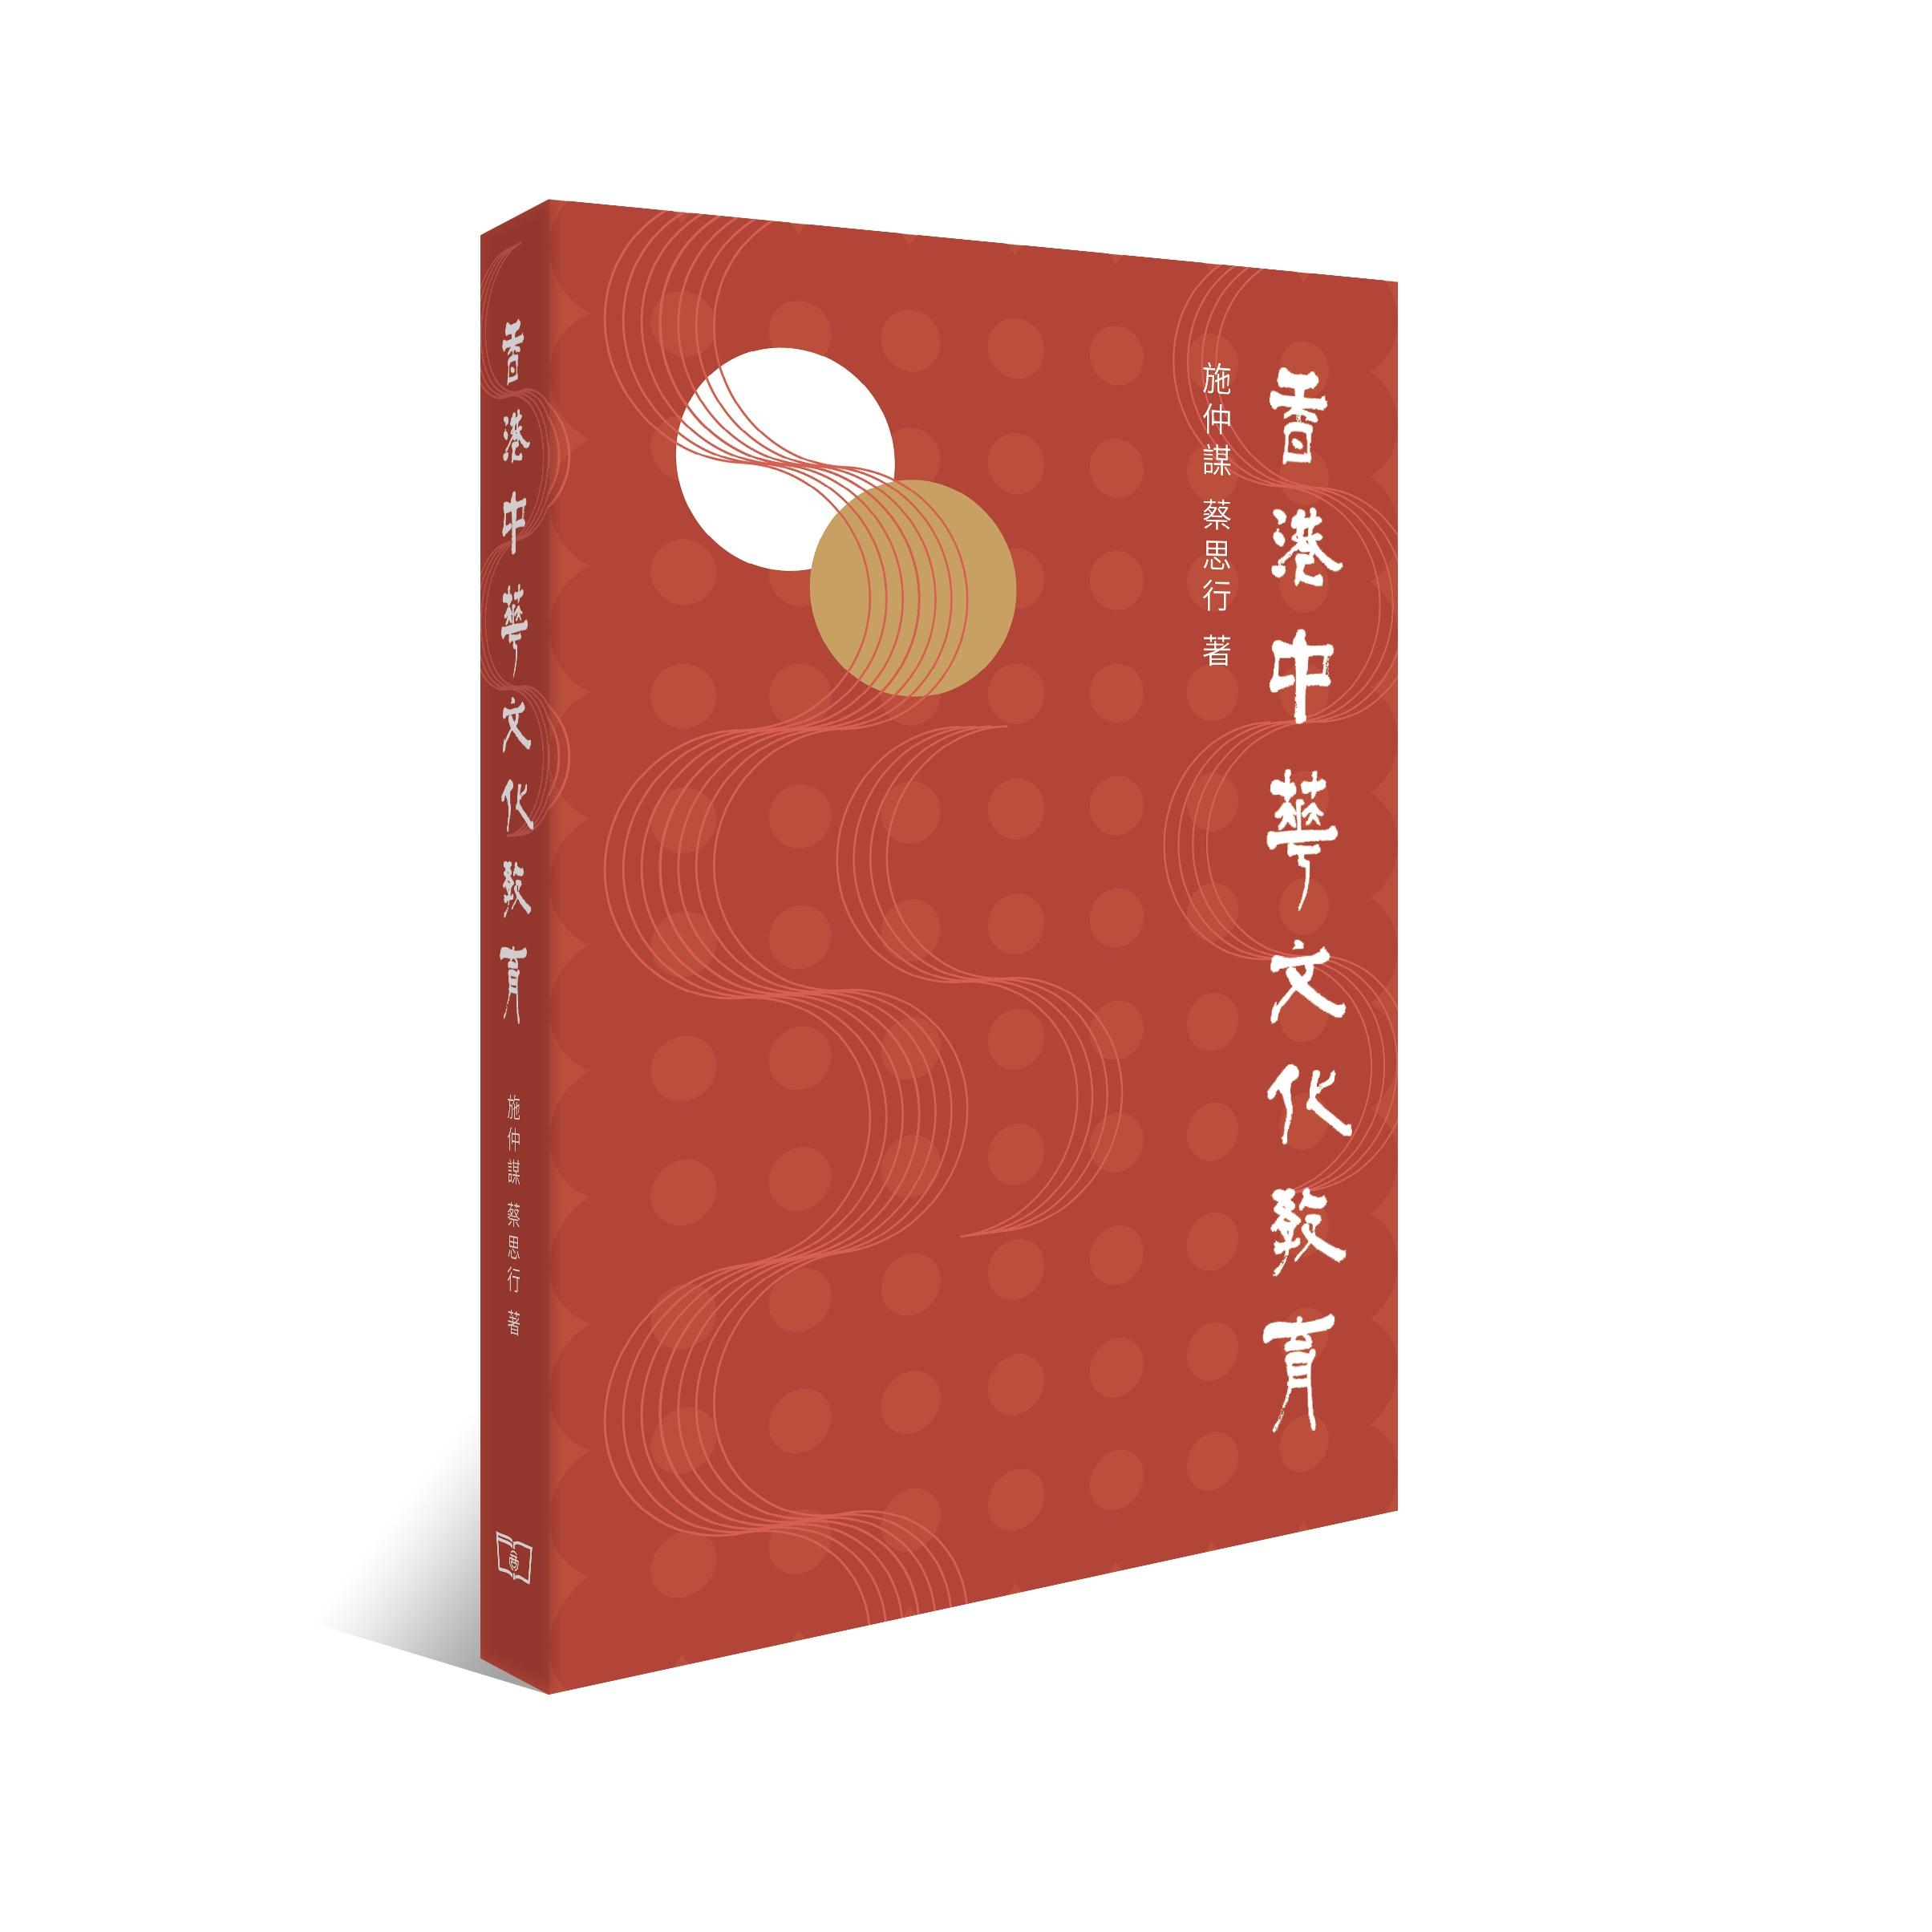 香港中華文化教育